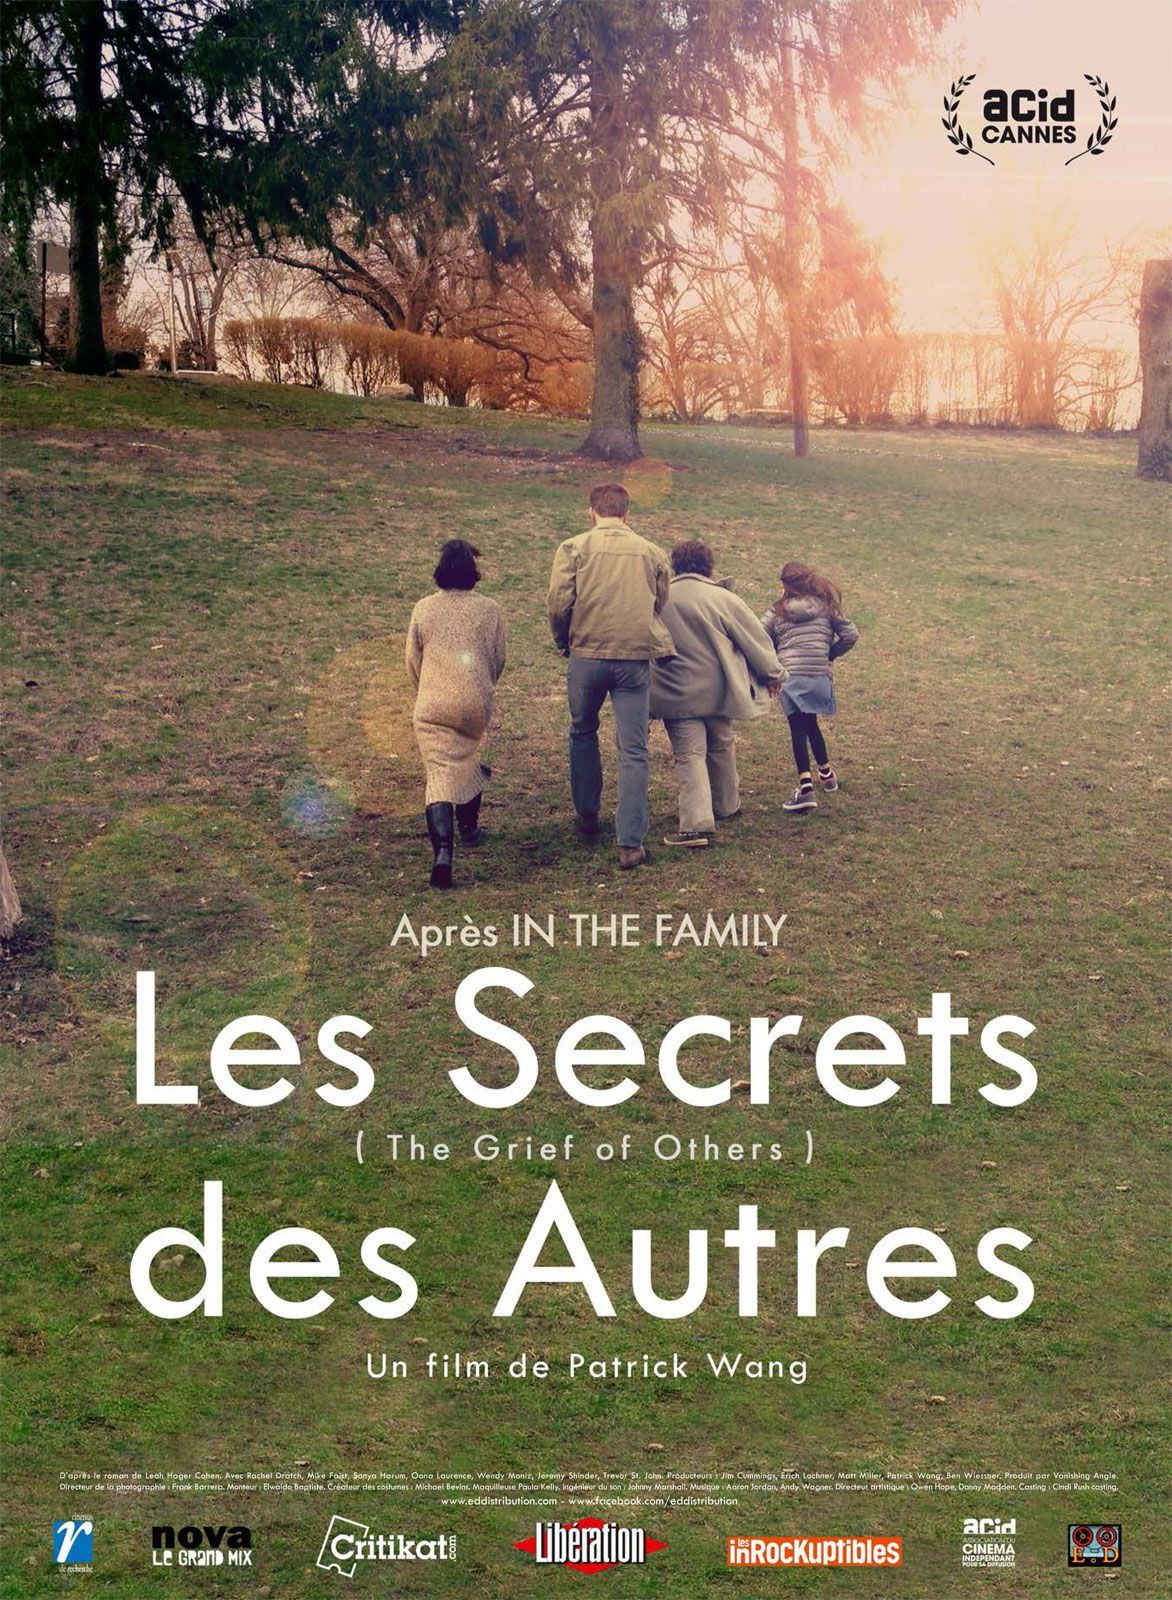 Les Secrets des autres - Film (2015)